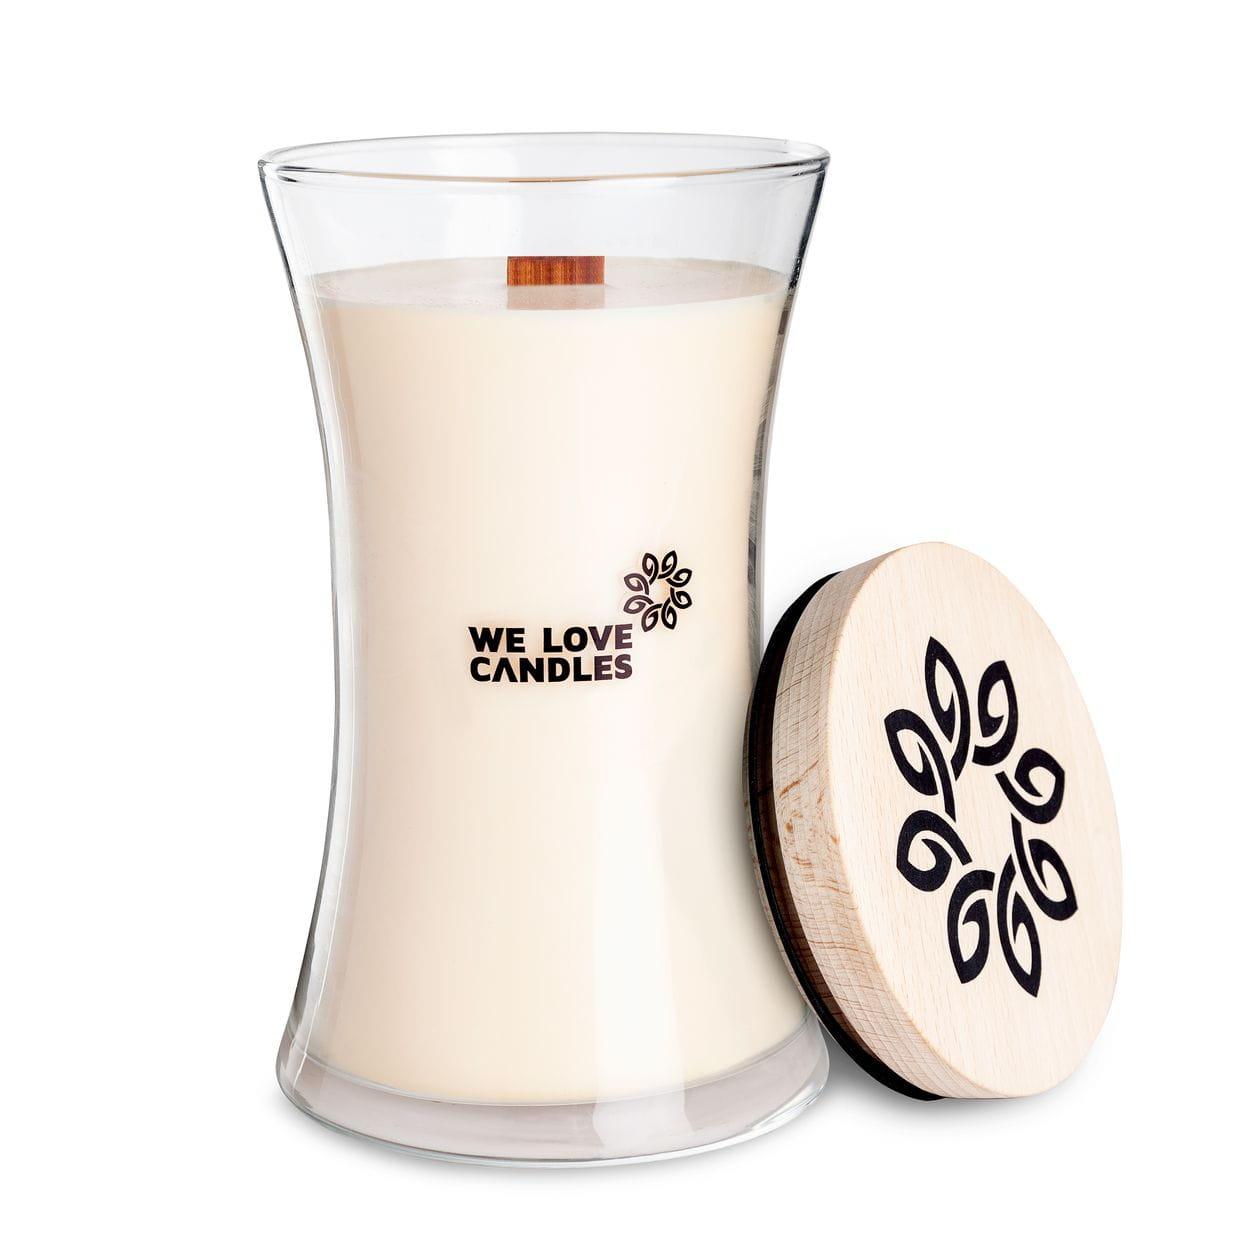 Kolekcja BASIC to sojowe świece zapachowe o soczystych kolorach i intensywnych, naturalnych zapachach inspirowanych codziennymi, prostymi przyjemnościami jakie niesie ze sobą życie. Świece z tej kolekcji zamknięte są w designerskie szklane pojemniki (zaprojektowane dla marki przez artystę-rzemieślnika) wytwarzane w polskiej hucie szkła. Pokrywkę stanowi drewniane wieczko, a całość dopełnia przyjemnie skwierczący w trakcie palenia drewniany knot. Dzięki prostej, ale ciekawej formie świece te stanowią niebanalny dodatek do domu, który szczególnie przypada do gustu fankom i fanom minimalizmu i życia w rytmie slow. Cotton Breath Świeca Cotton Breath to zapach świeżego prania, które wieszasz w słoneczny dzień w ogrodzie. Ciepłe powietrze pachnie późnym latem, wiatr smaga wyprane rzeczy i wszędzie unosi się zapach świeżości. To prosty zapach, tak prosty jak letnie przyjemności. Ta świeca przypadnie do gustu każdemu kto lubi sielski klimat i ceni sobie spokój. Świece z kolekcji BASIC pakujemy